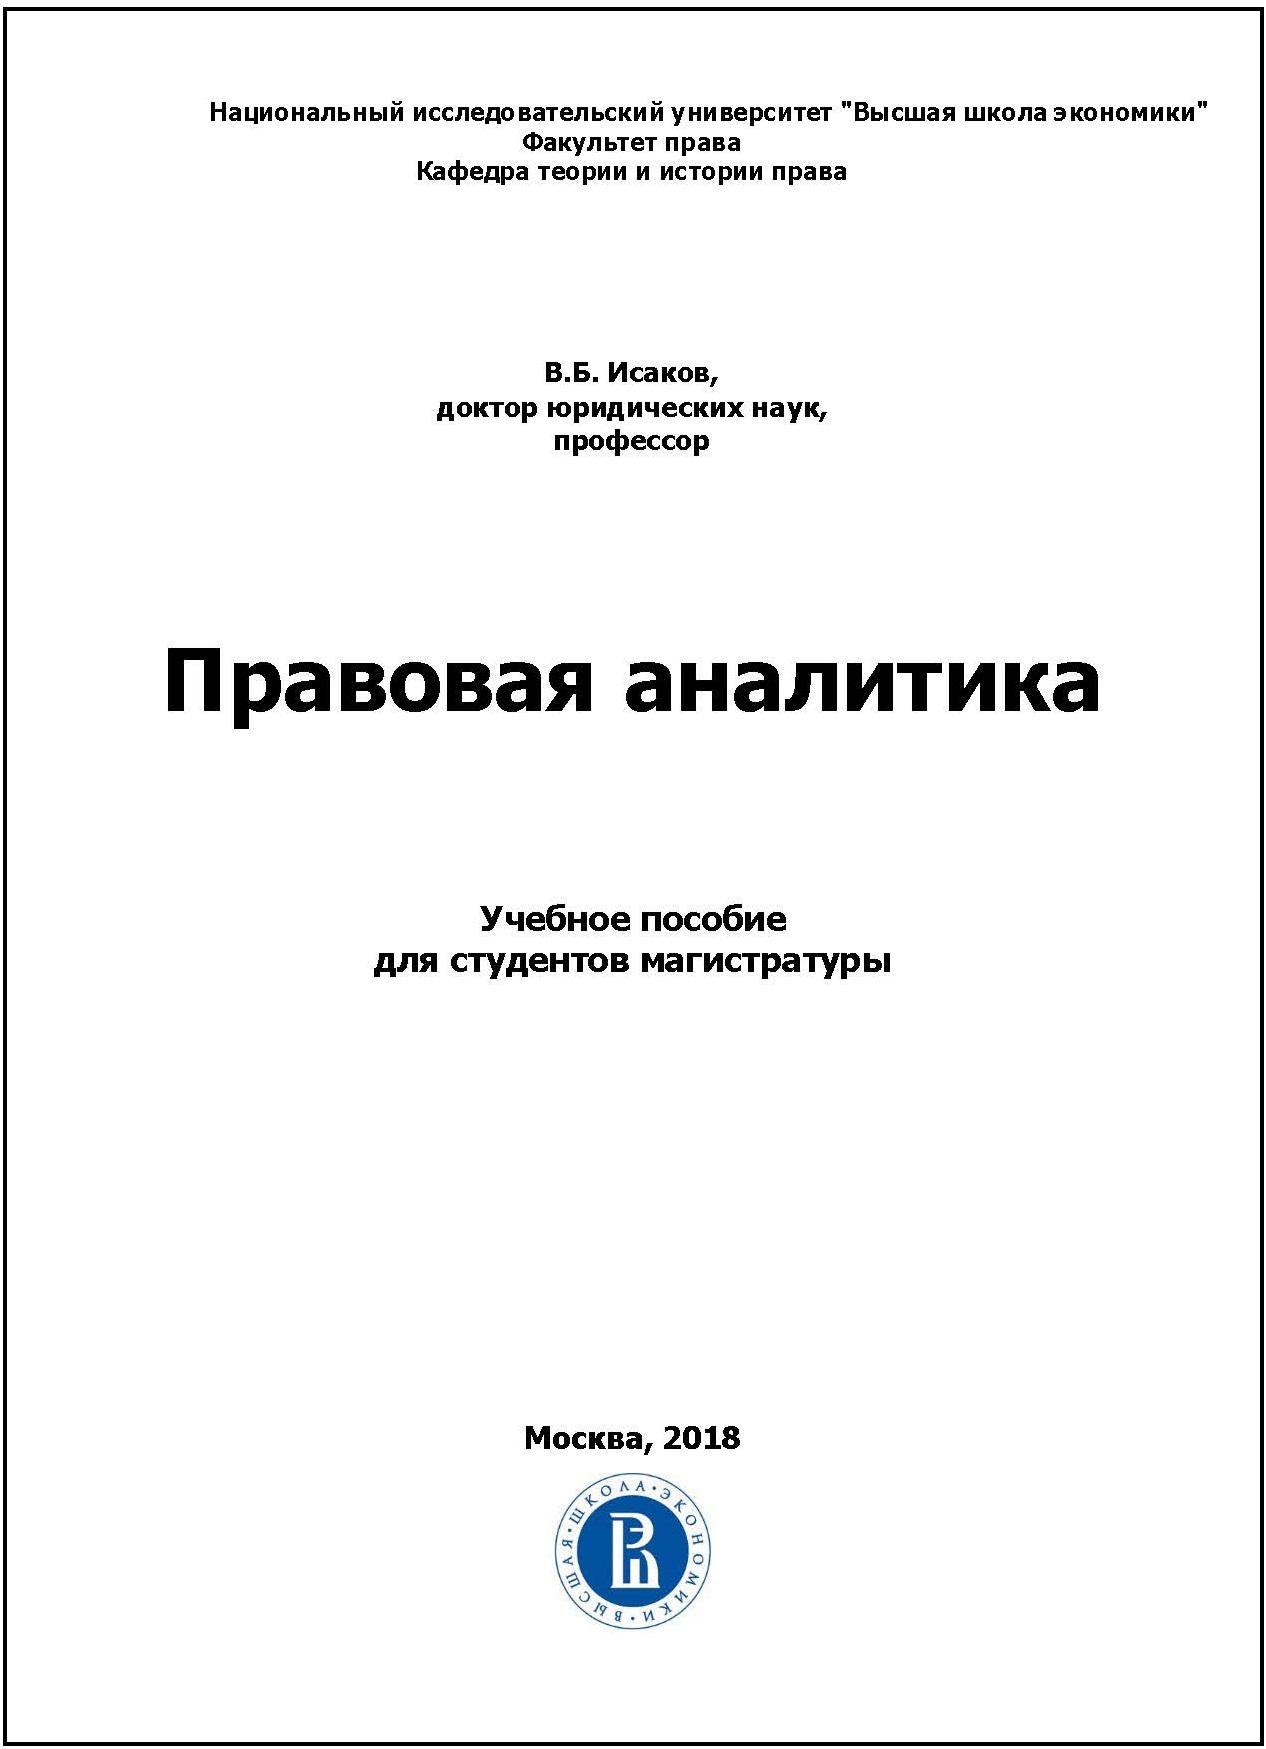 Правовая аналитика: Учебное пособие для студентов магистратуры